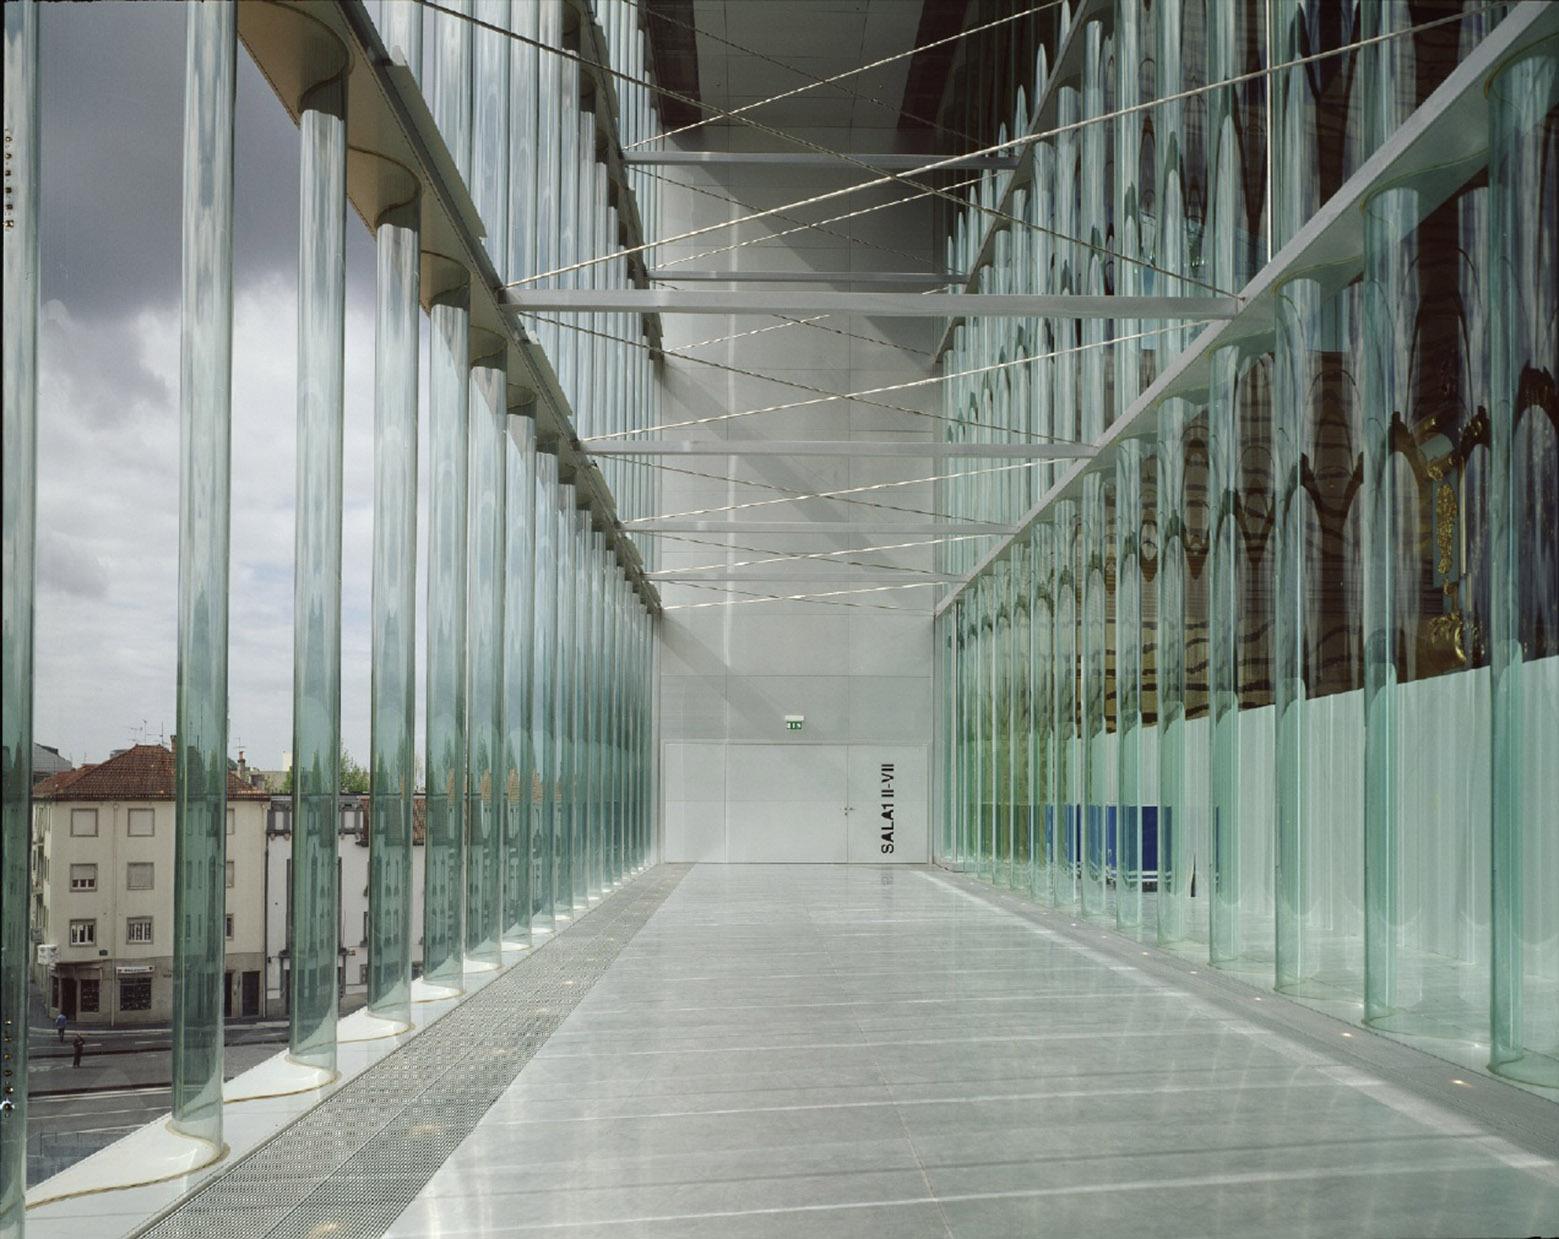 Casa da Musica / OMA (43)